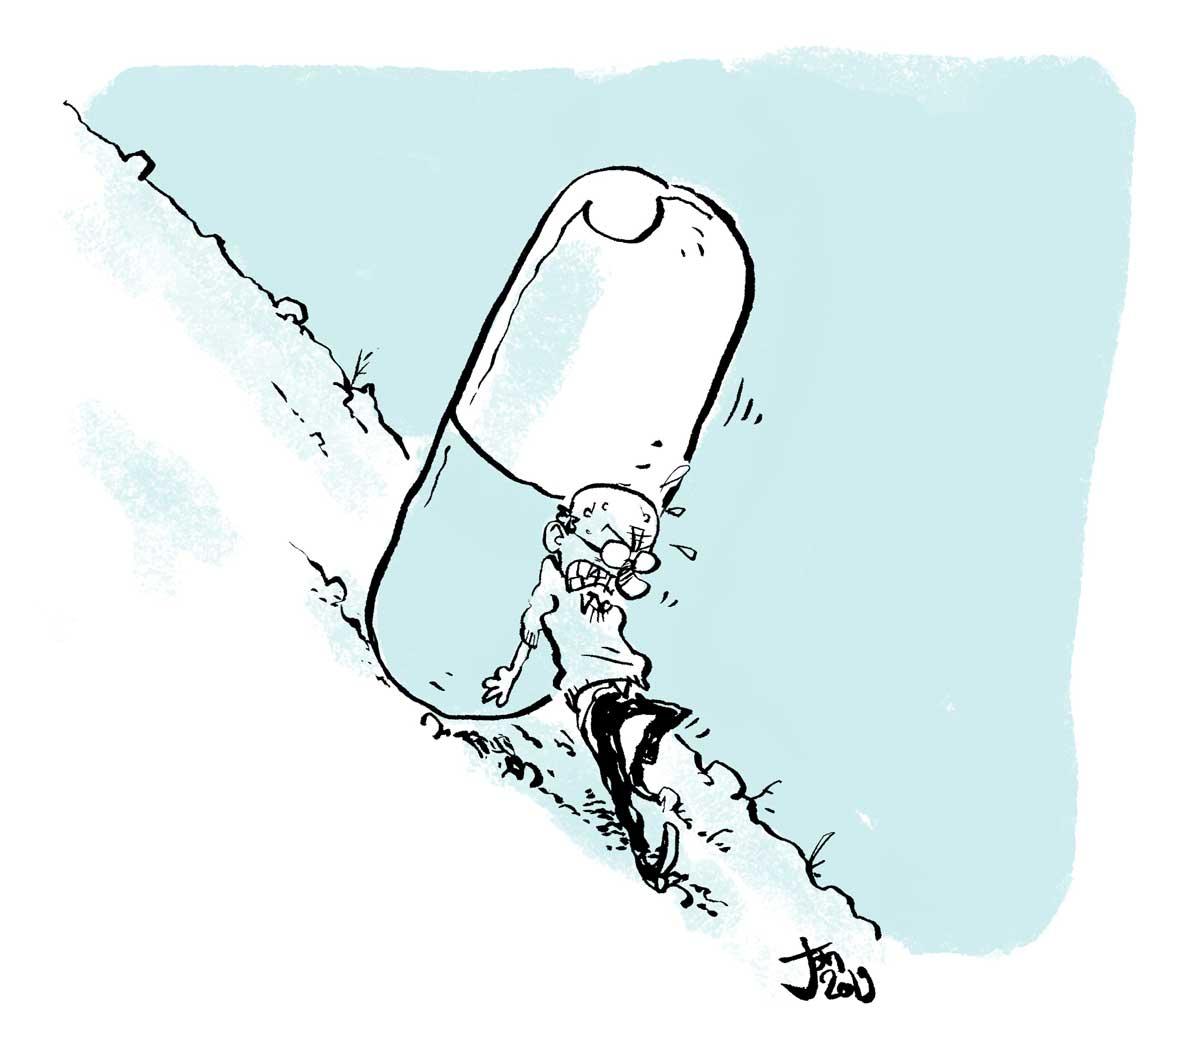 Tegning af ældre mand der skubber en stor medicin pille op af et bjerg